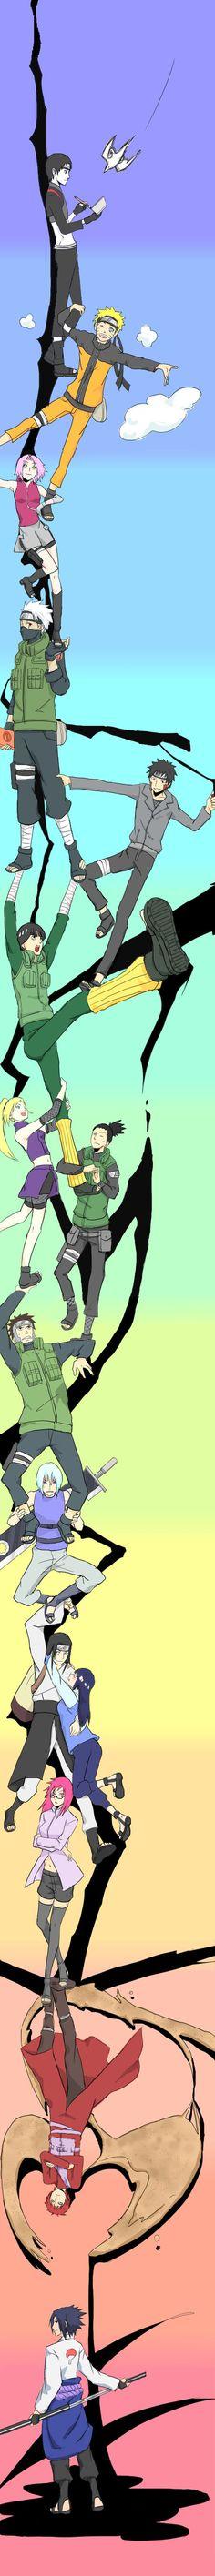 Team 7-10, Hawk and Gaara (helped Sasuke shadow version)